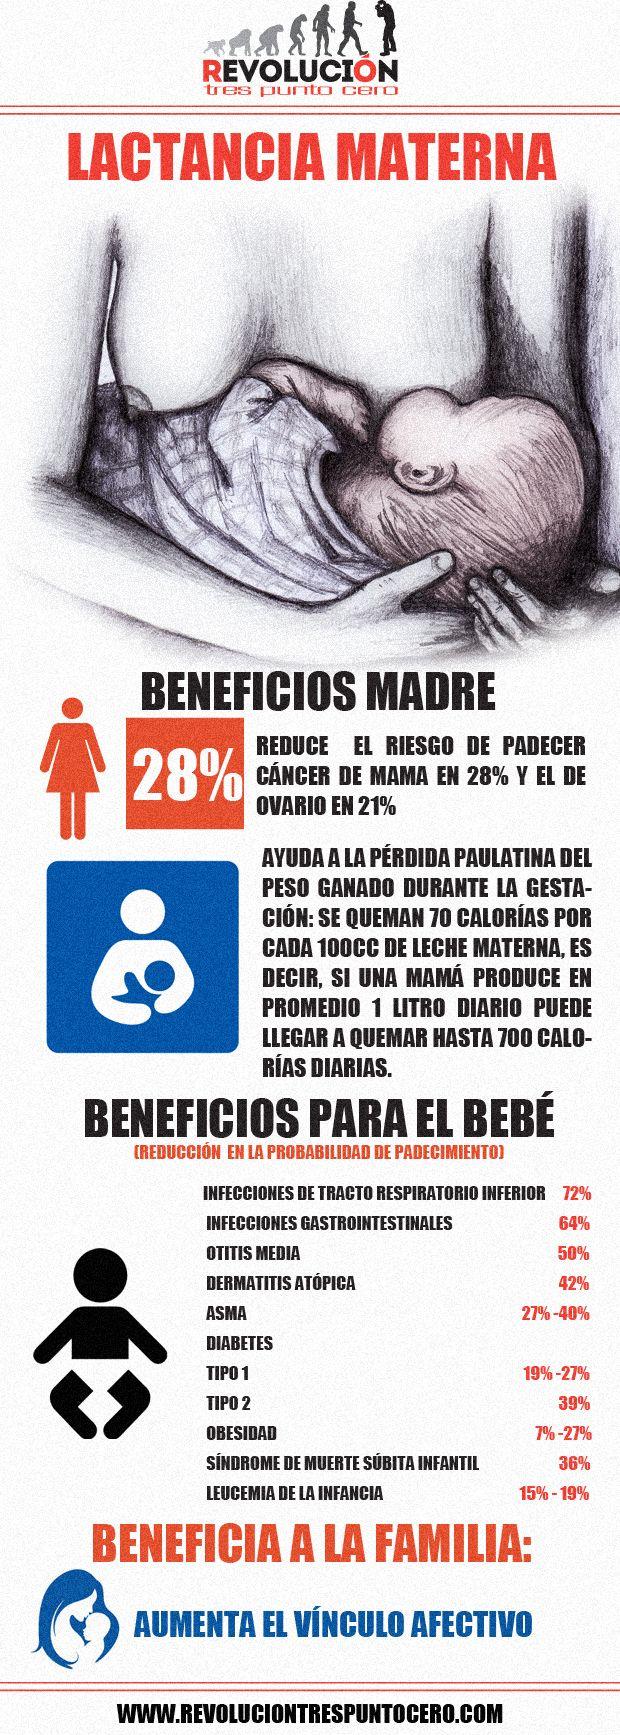 Beneficios de la lactancia materna http://revoluciontrespuntocero.com/beneficios-de-la-lactancia-materna/